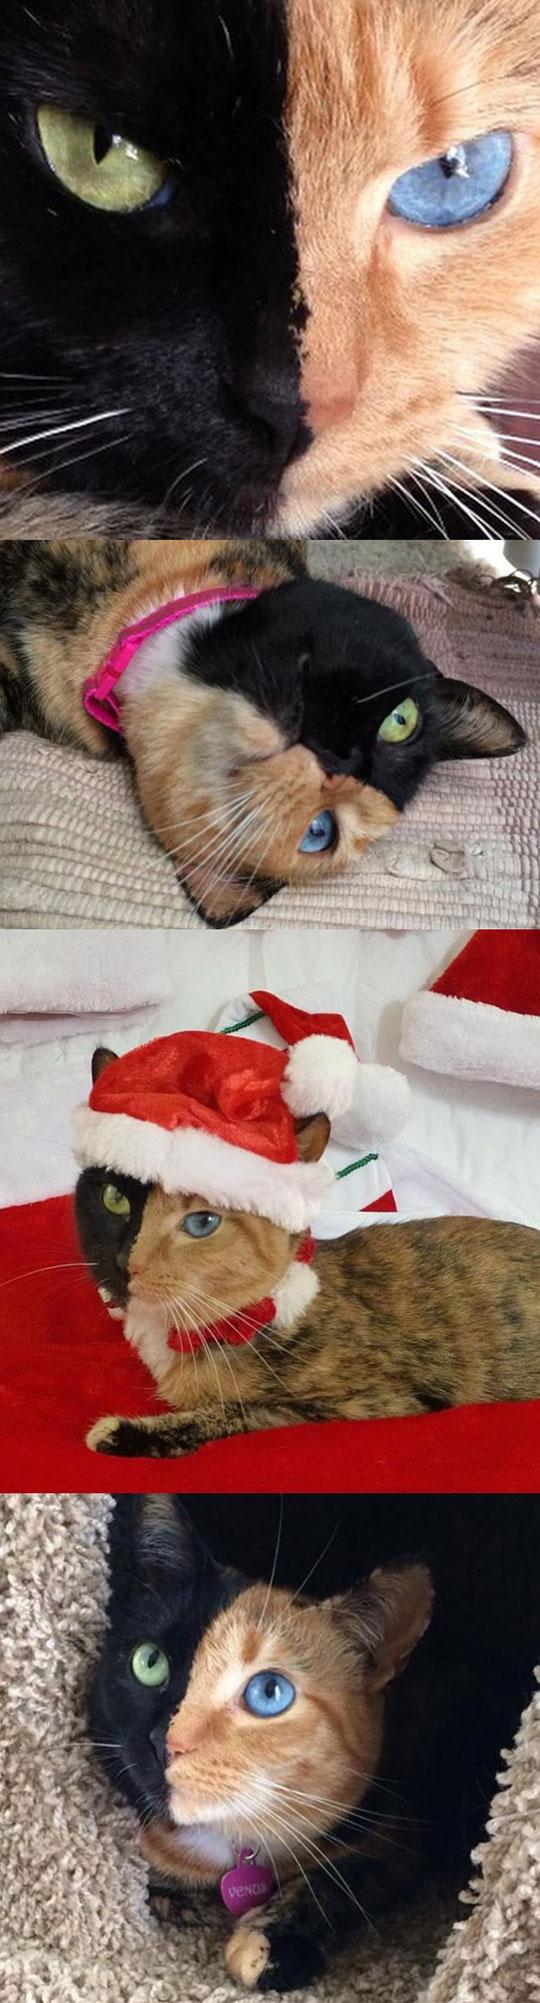 cute-cat-eyes-color-Venus